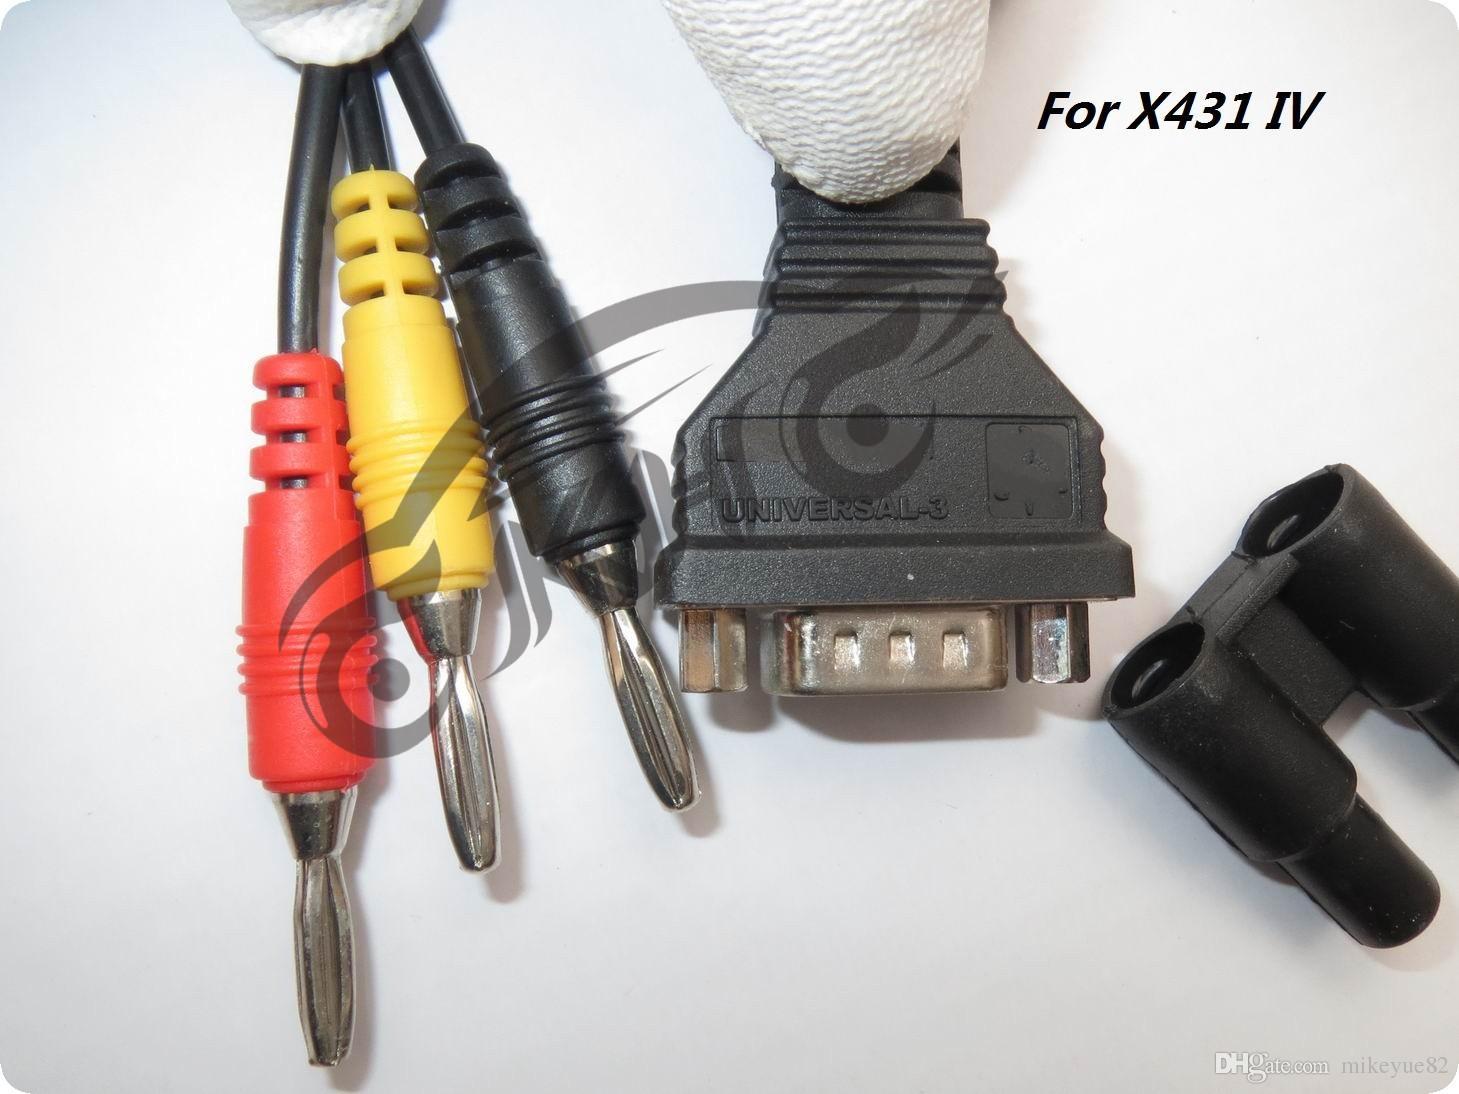 الأصلي لإطلاق X431 IV يونيفرسال -3 محول UNIVERSAL-3 موصل ل X431 4 الجيل الرابع محول OBD موصل